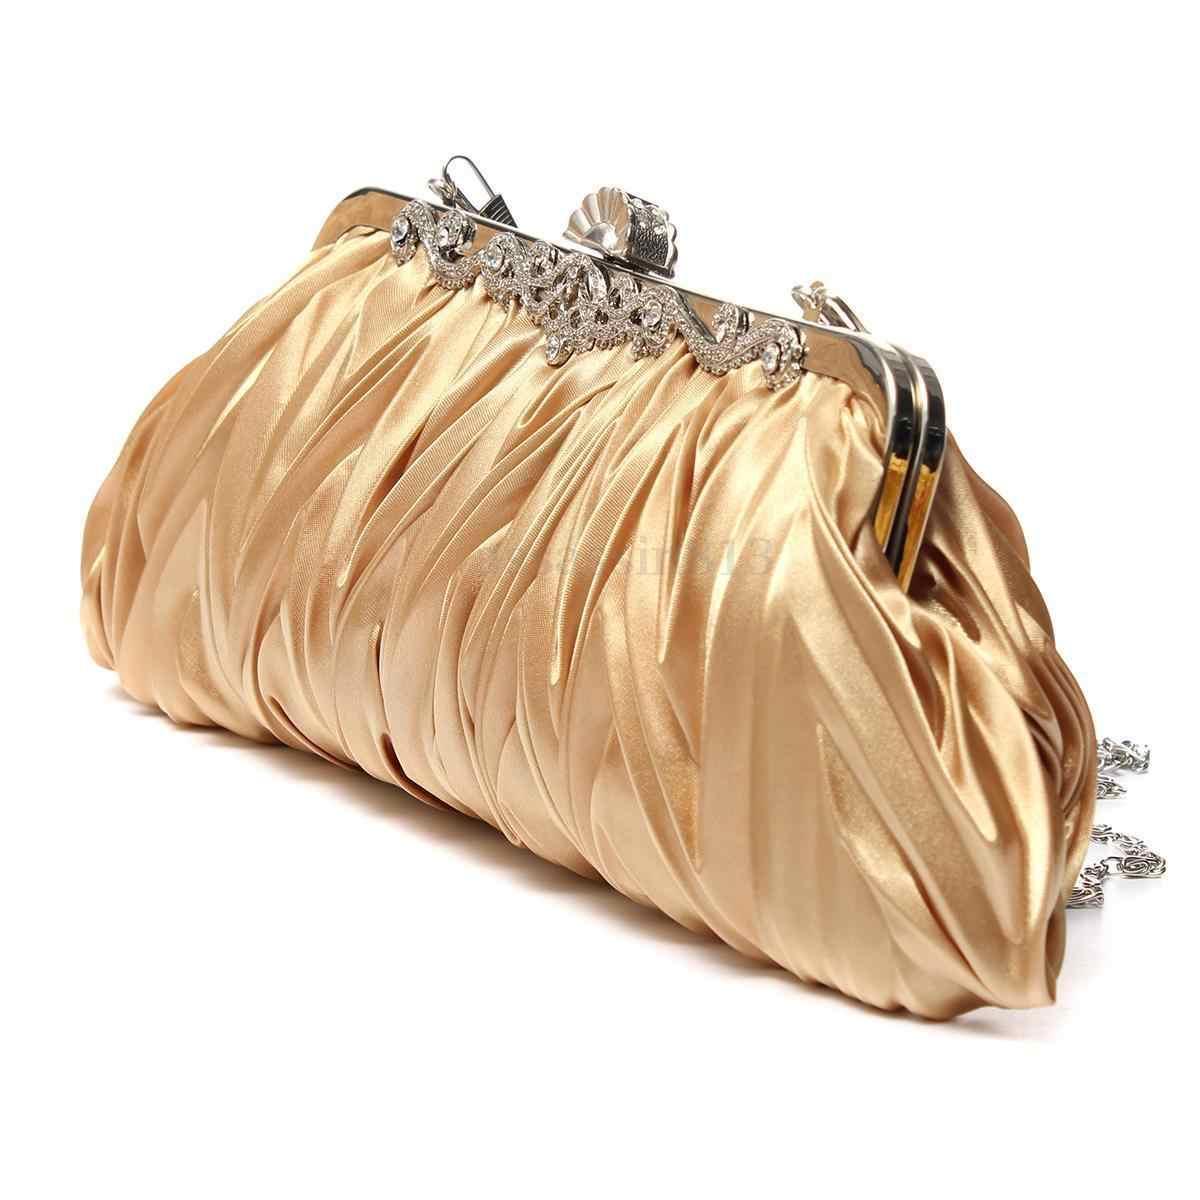 Fashion Wanita Pesta Pernikahan Tas Tangan Dompet Gadis Lembut Tas Malam Tas Pengantin Wanita Satin Kristal Clutch